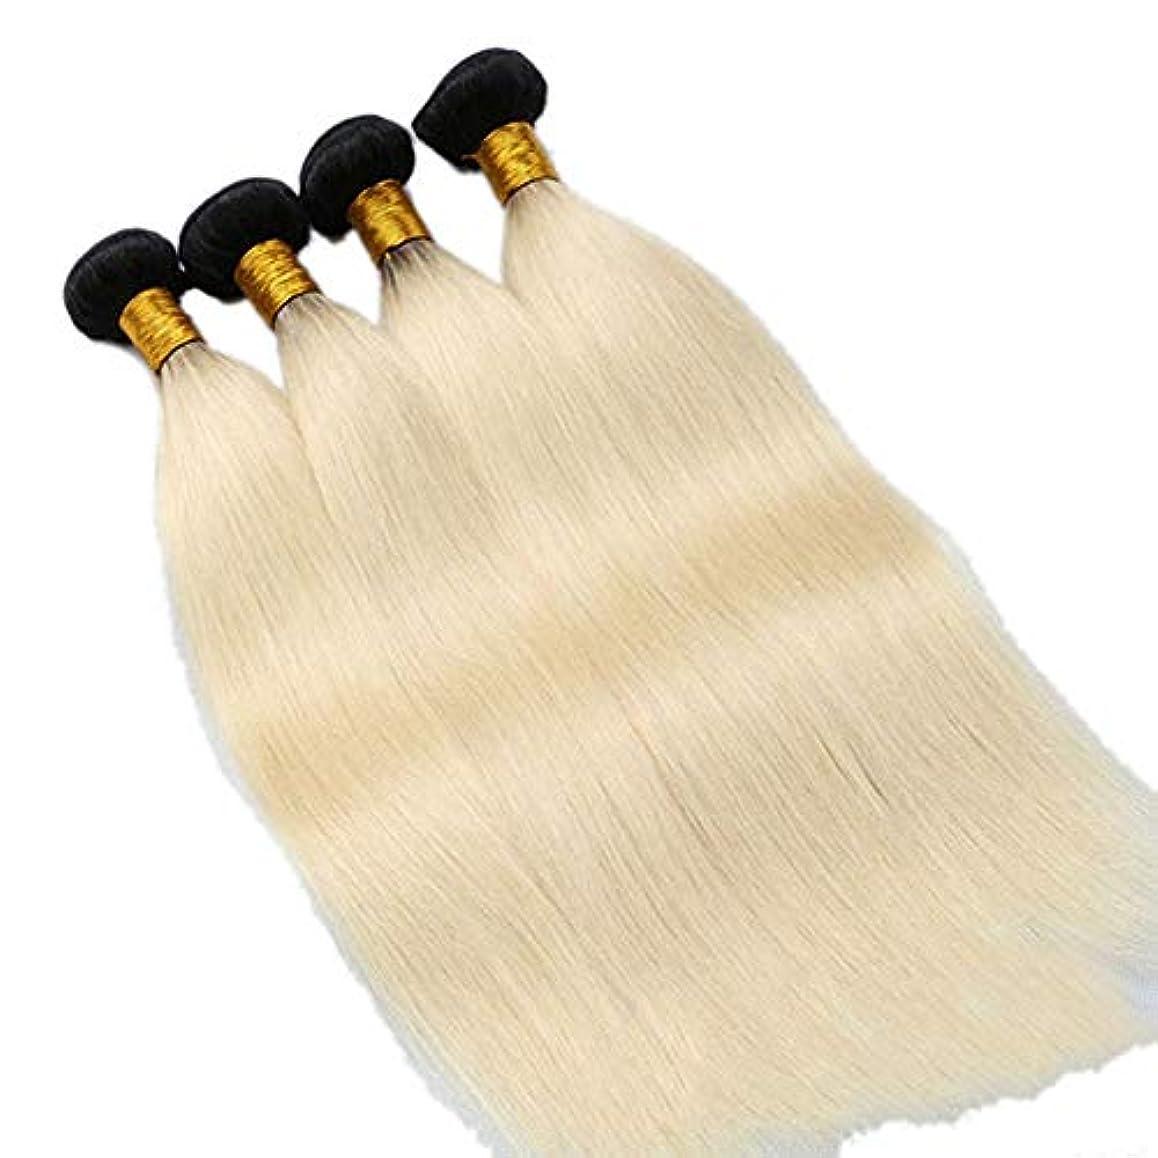 入植者丁寧変装したWASAIO ブラジルのストレートヘアハニーブロンドシングル12インチウィーブバンドル100%人間エクステンションソーイン(10インチ-24インチ) (色 : Blonde, サイズ : 16 inch)